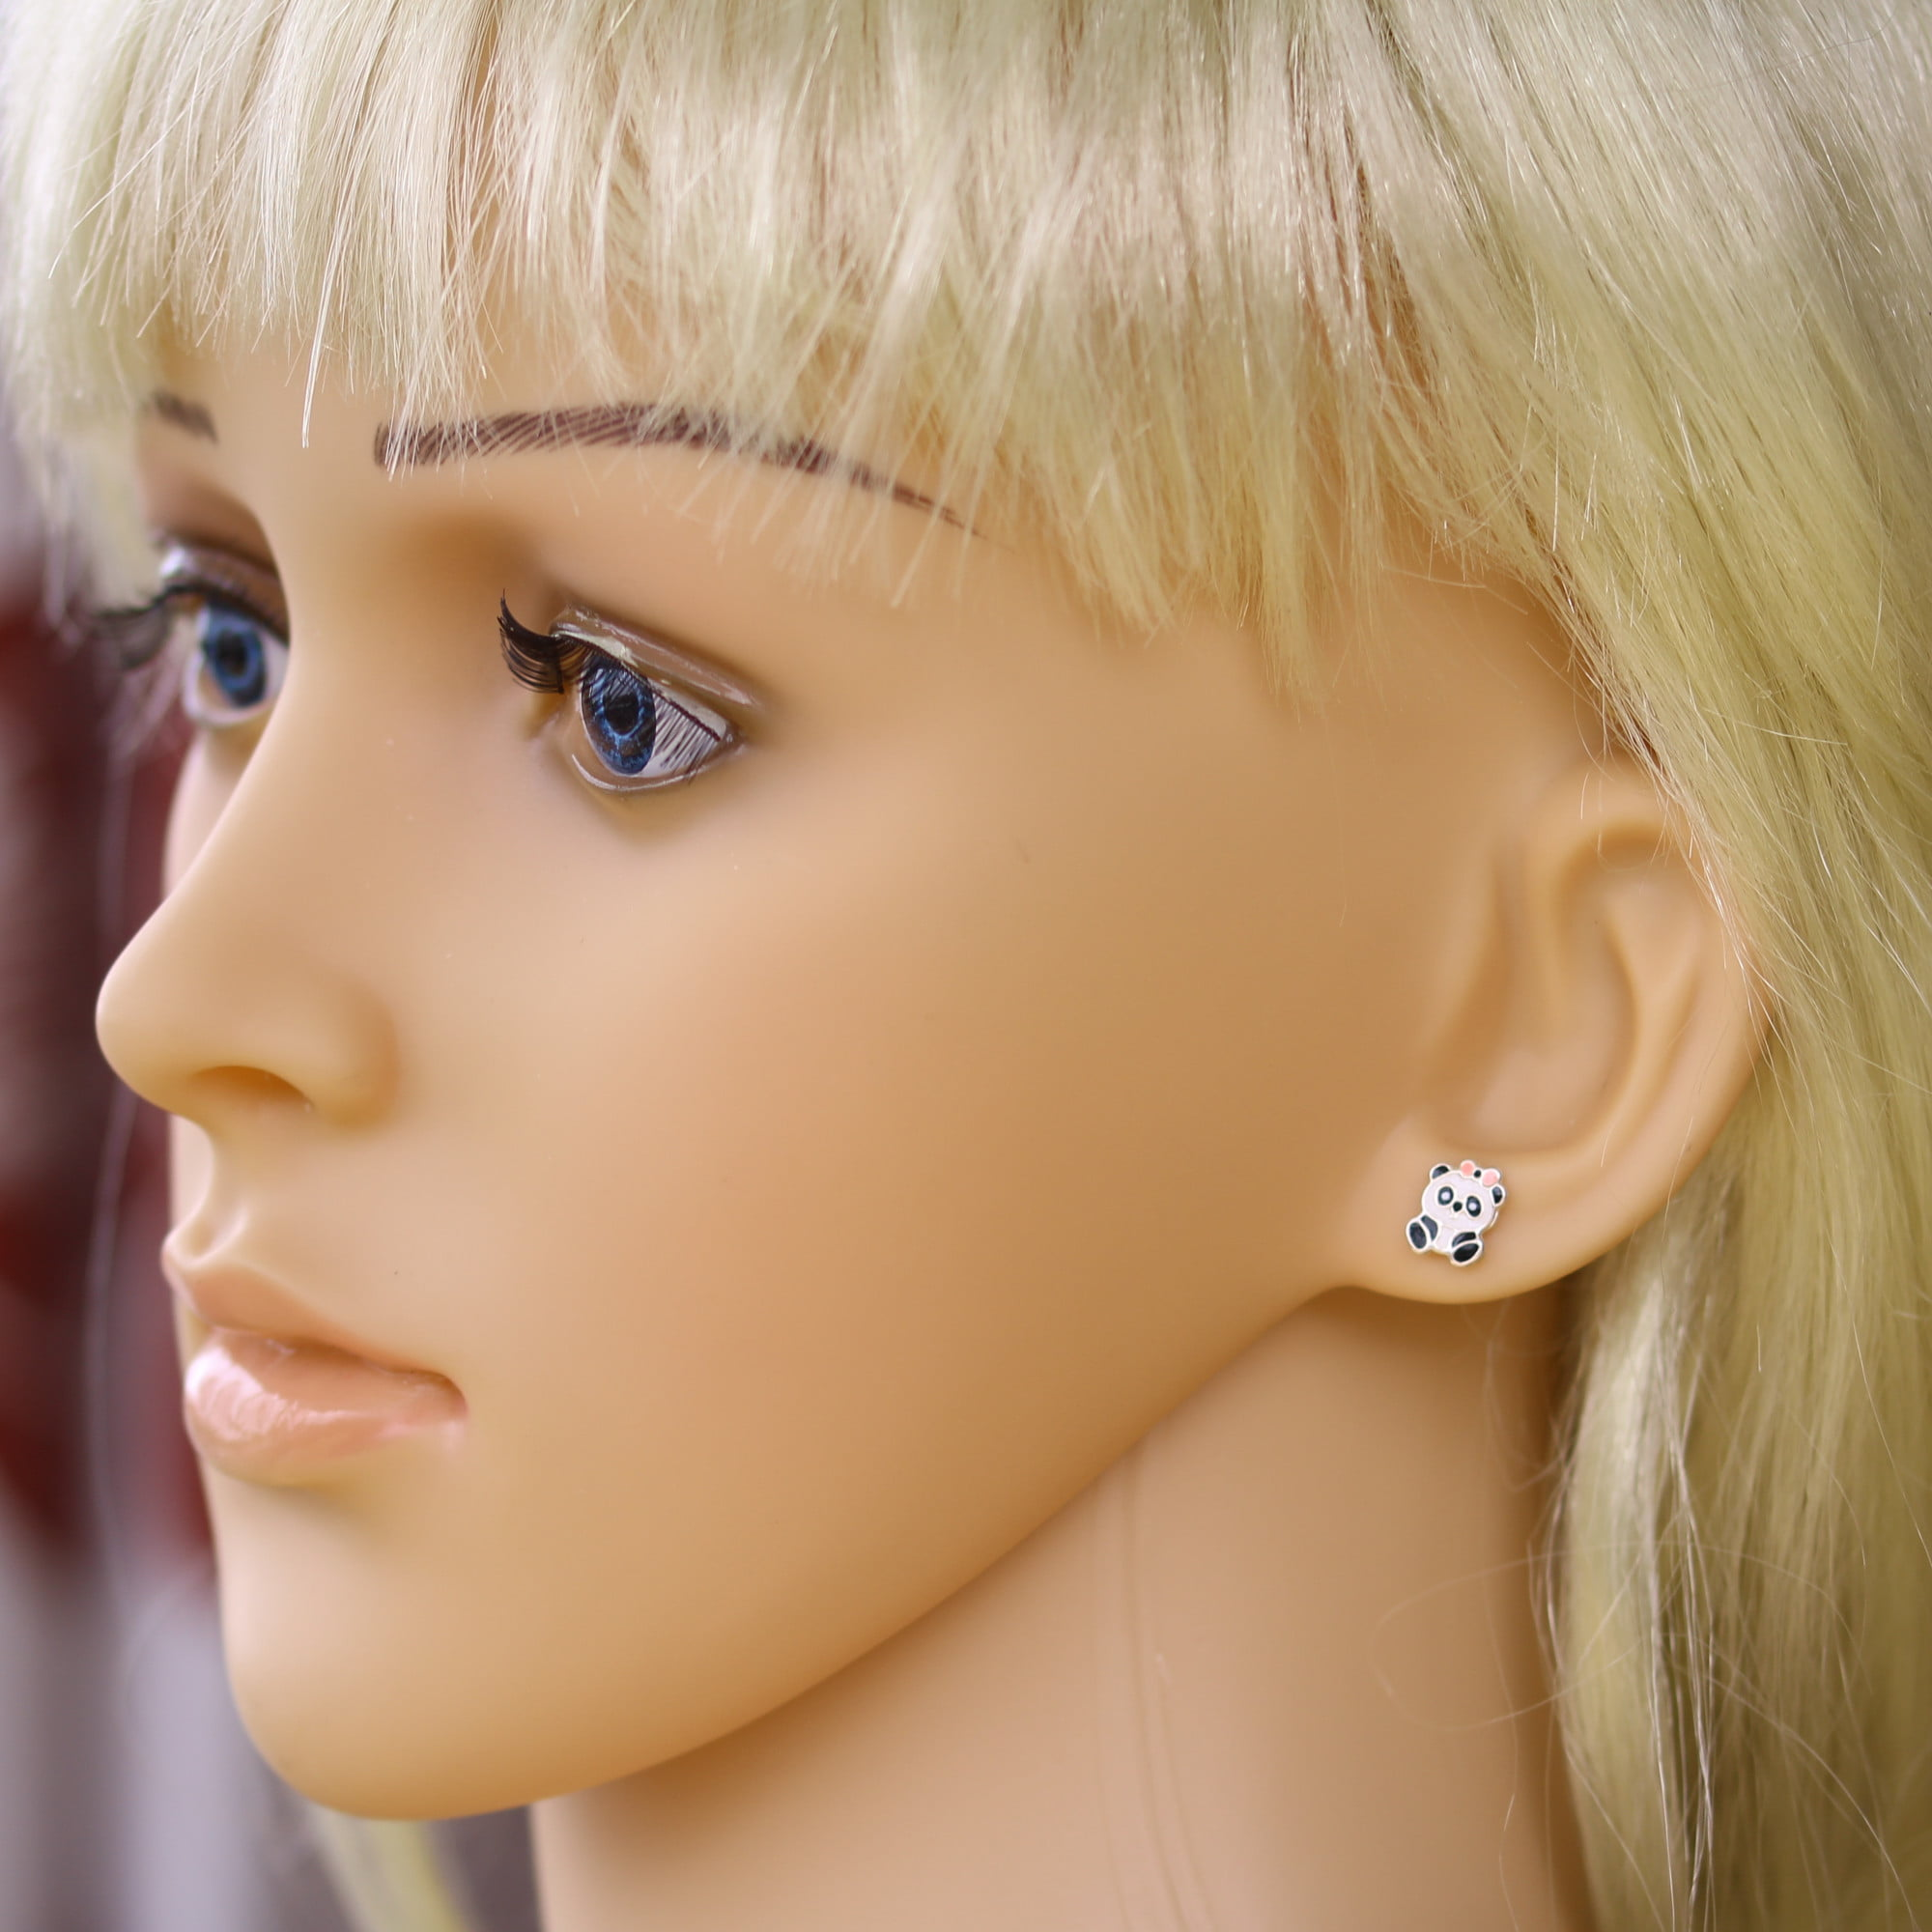 Cute panda earrings in silver model